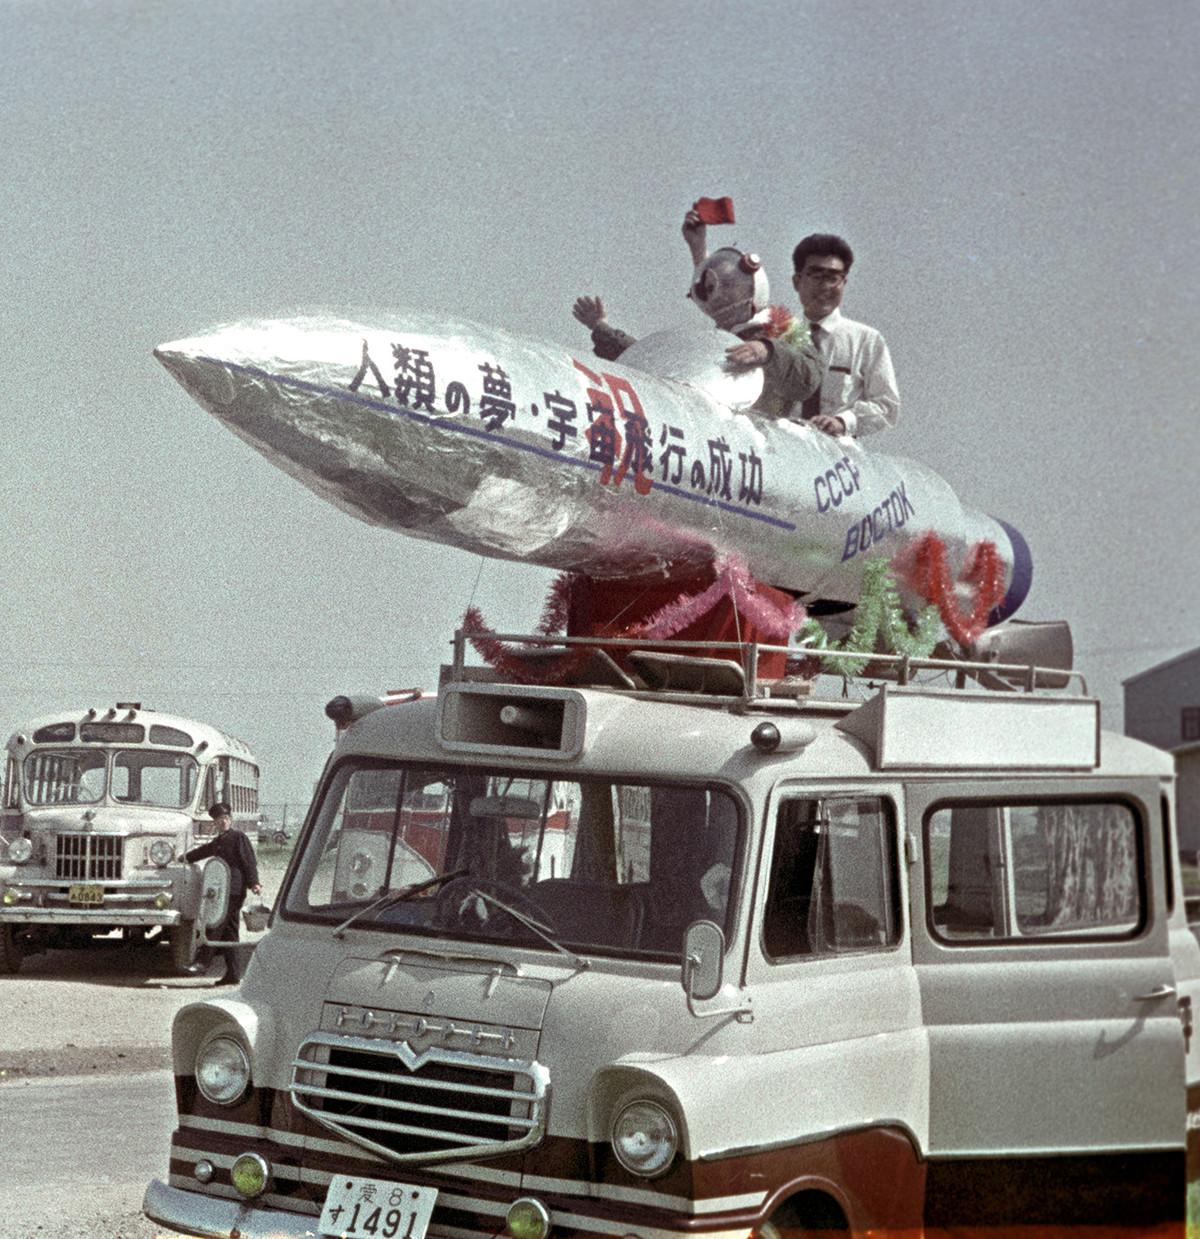 ソ連の英雄的宇宙飛行士を歓迎するために東京の住民が作った宇宙ロケットの模型